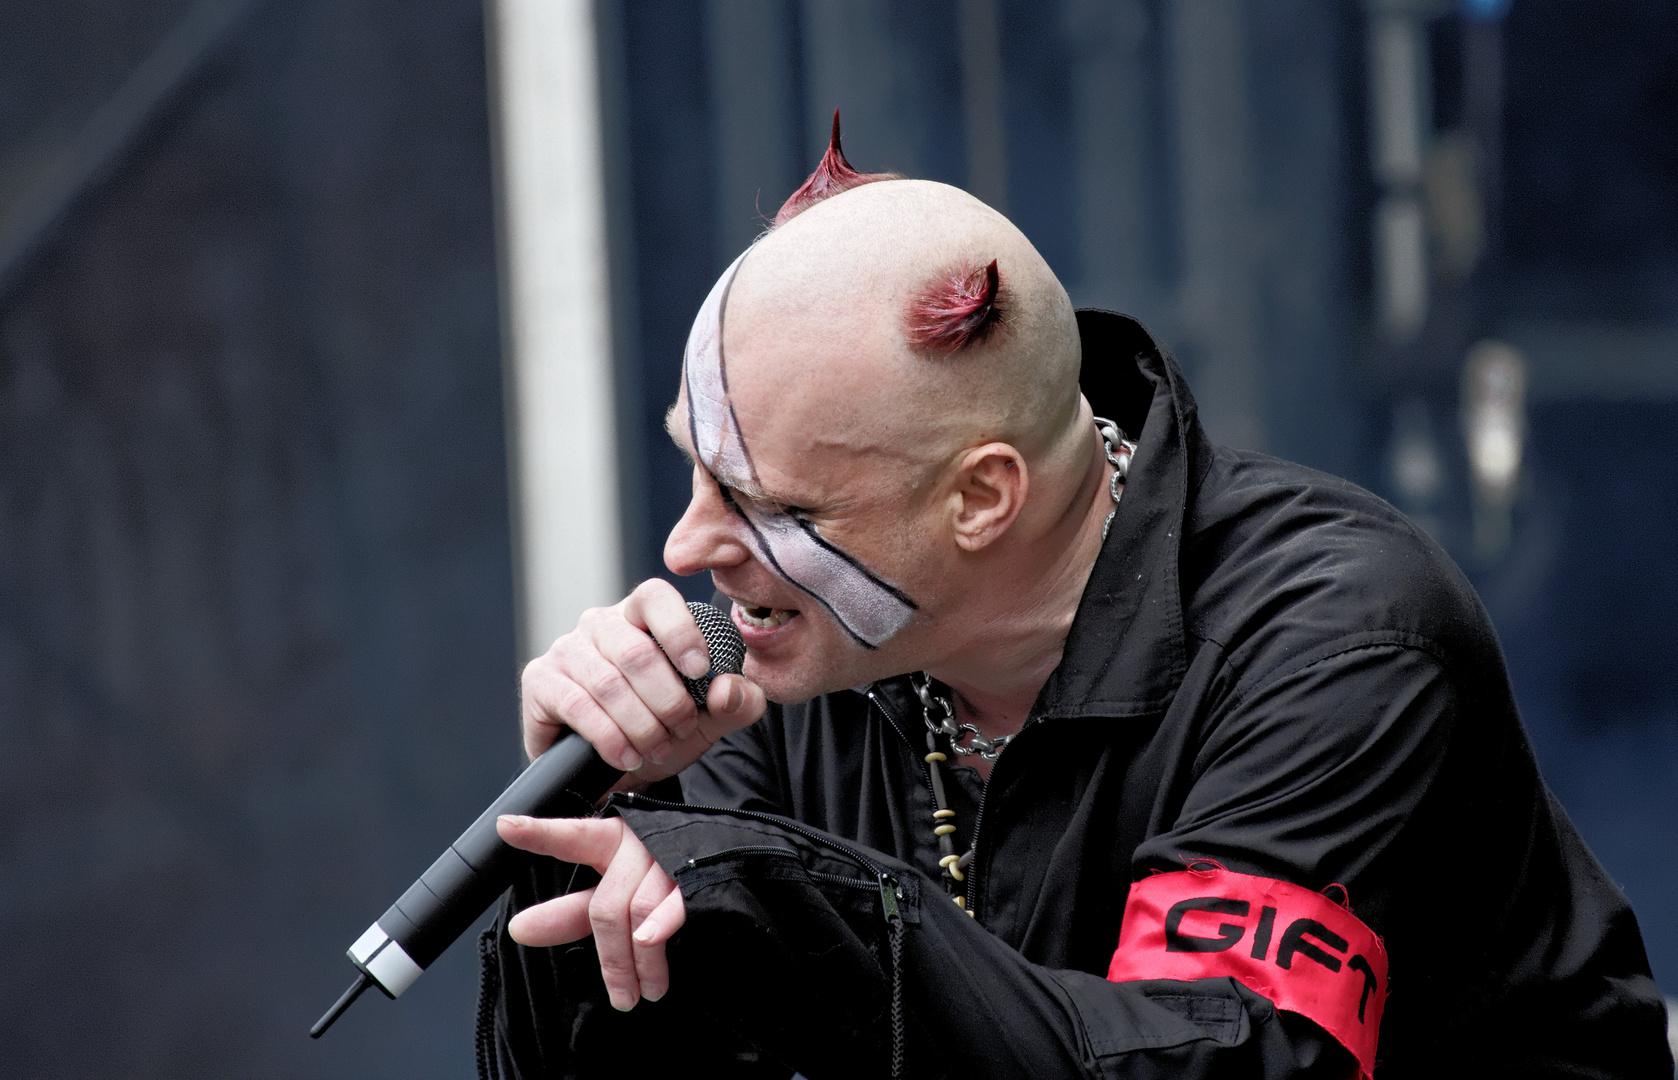 Zita Rock - Tag 2 - Teufel 7